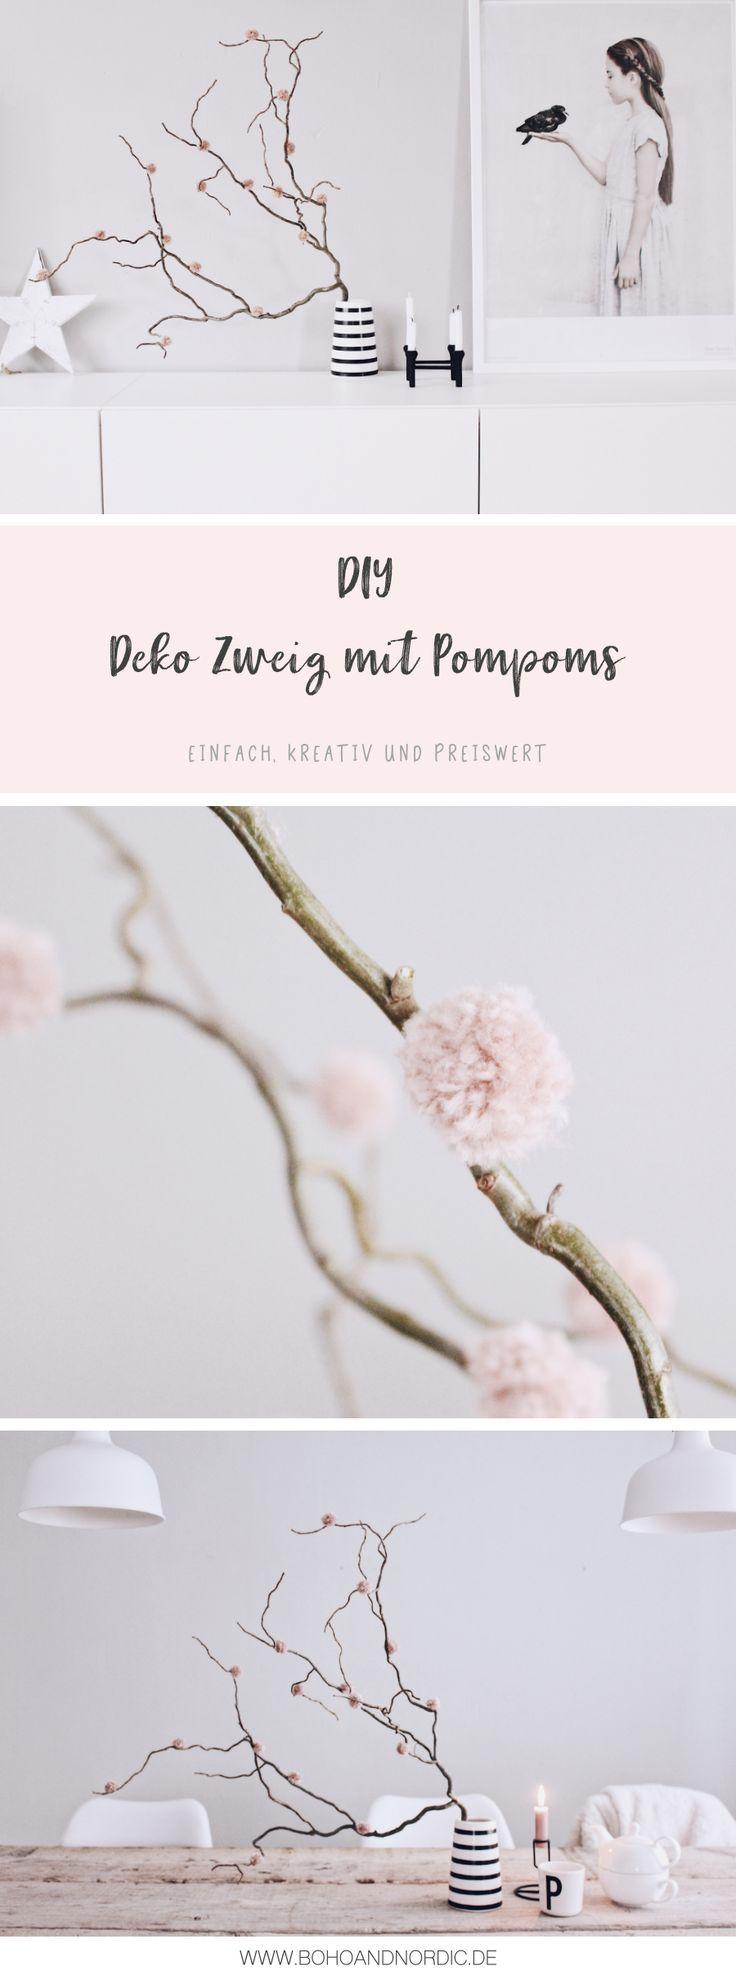 DIY Deko mit Pompoms , #Deko #DIY #homeaccessoriescreative #mit #Pompoms